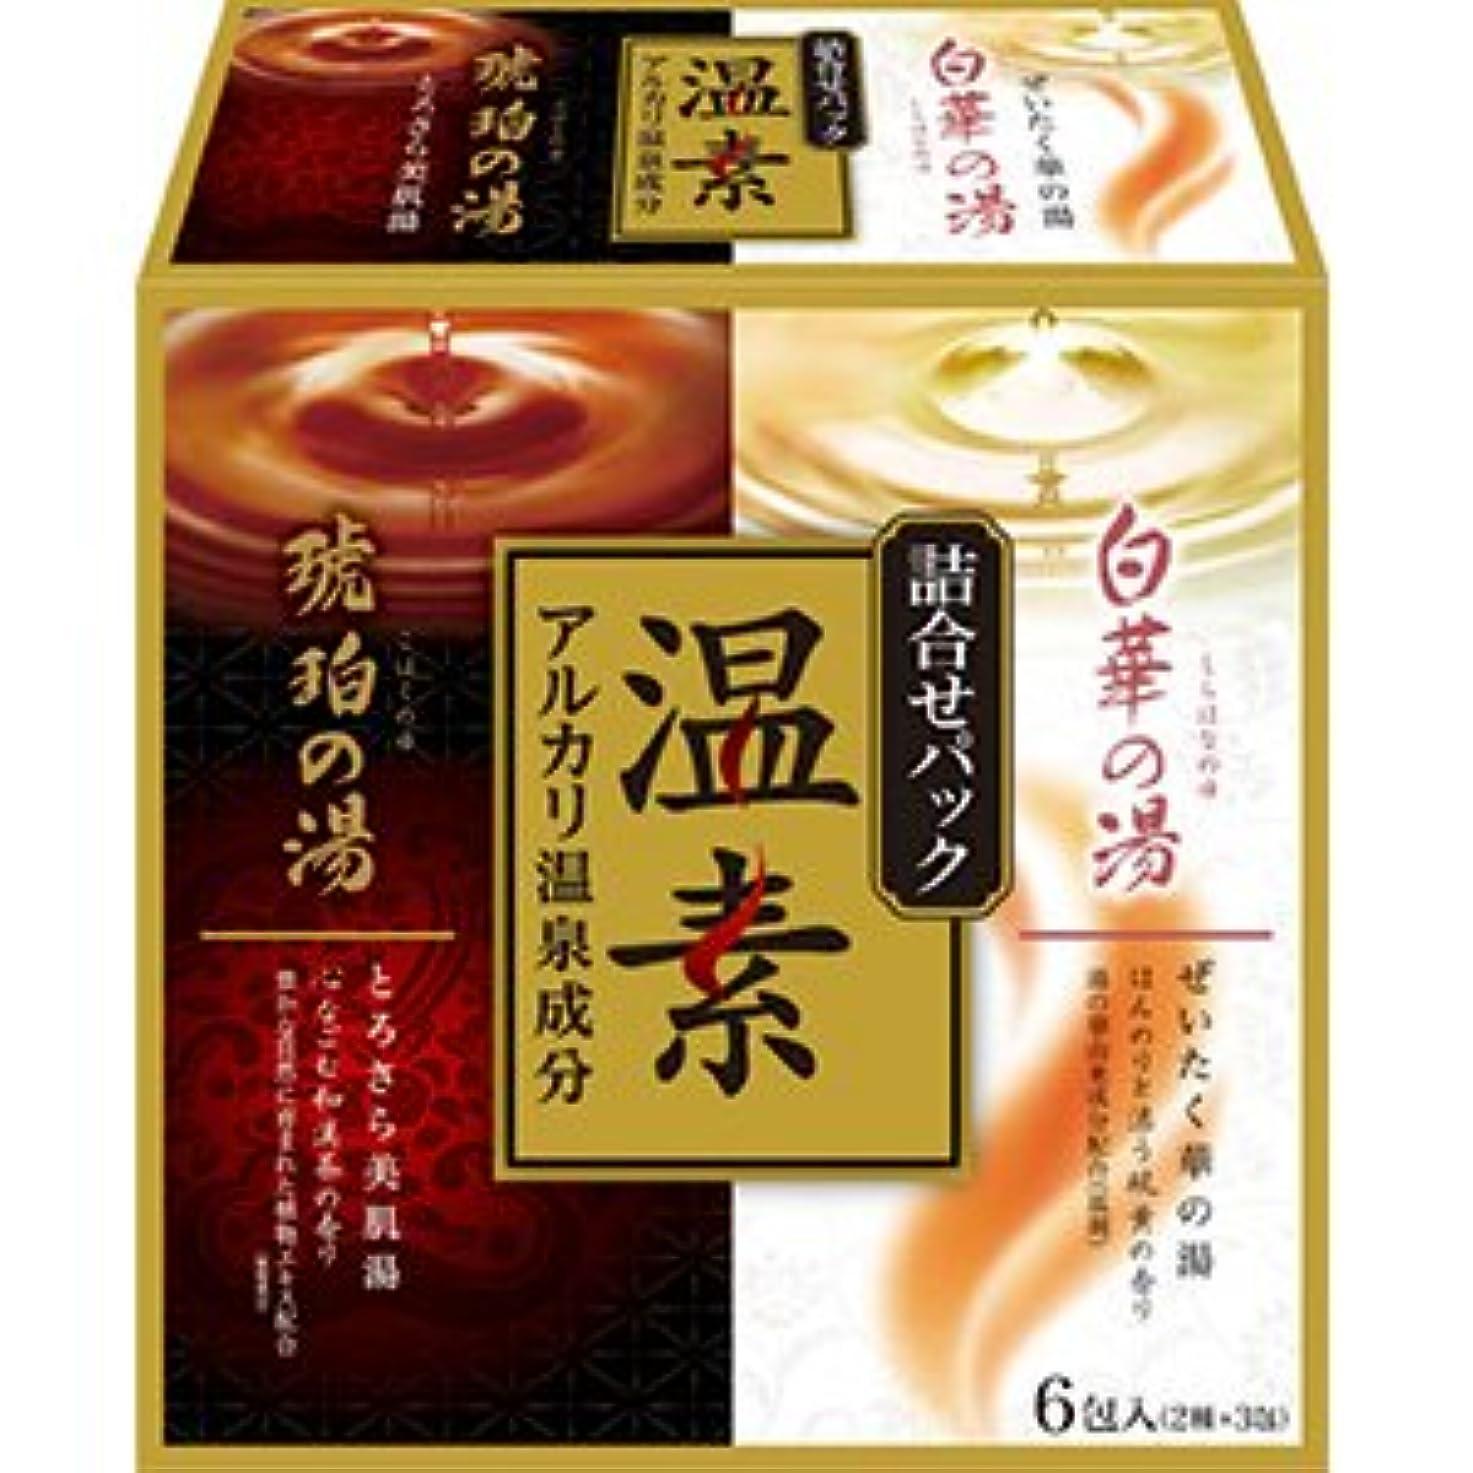 バー行商太陽温素 琥珀の湯&白華の湯 詰合せパック × 16個セット